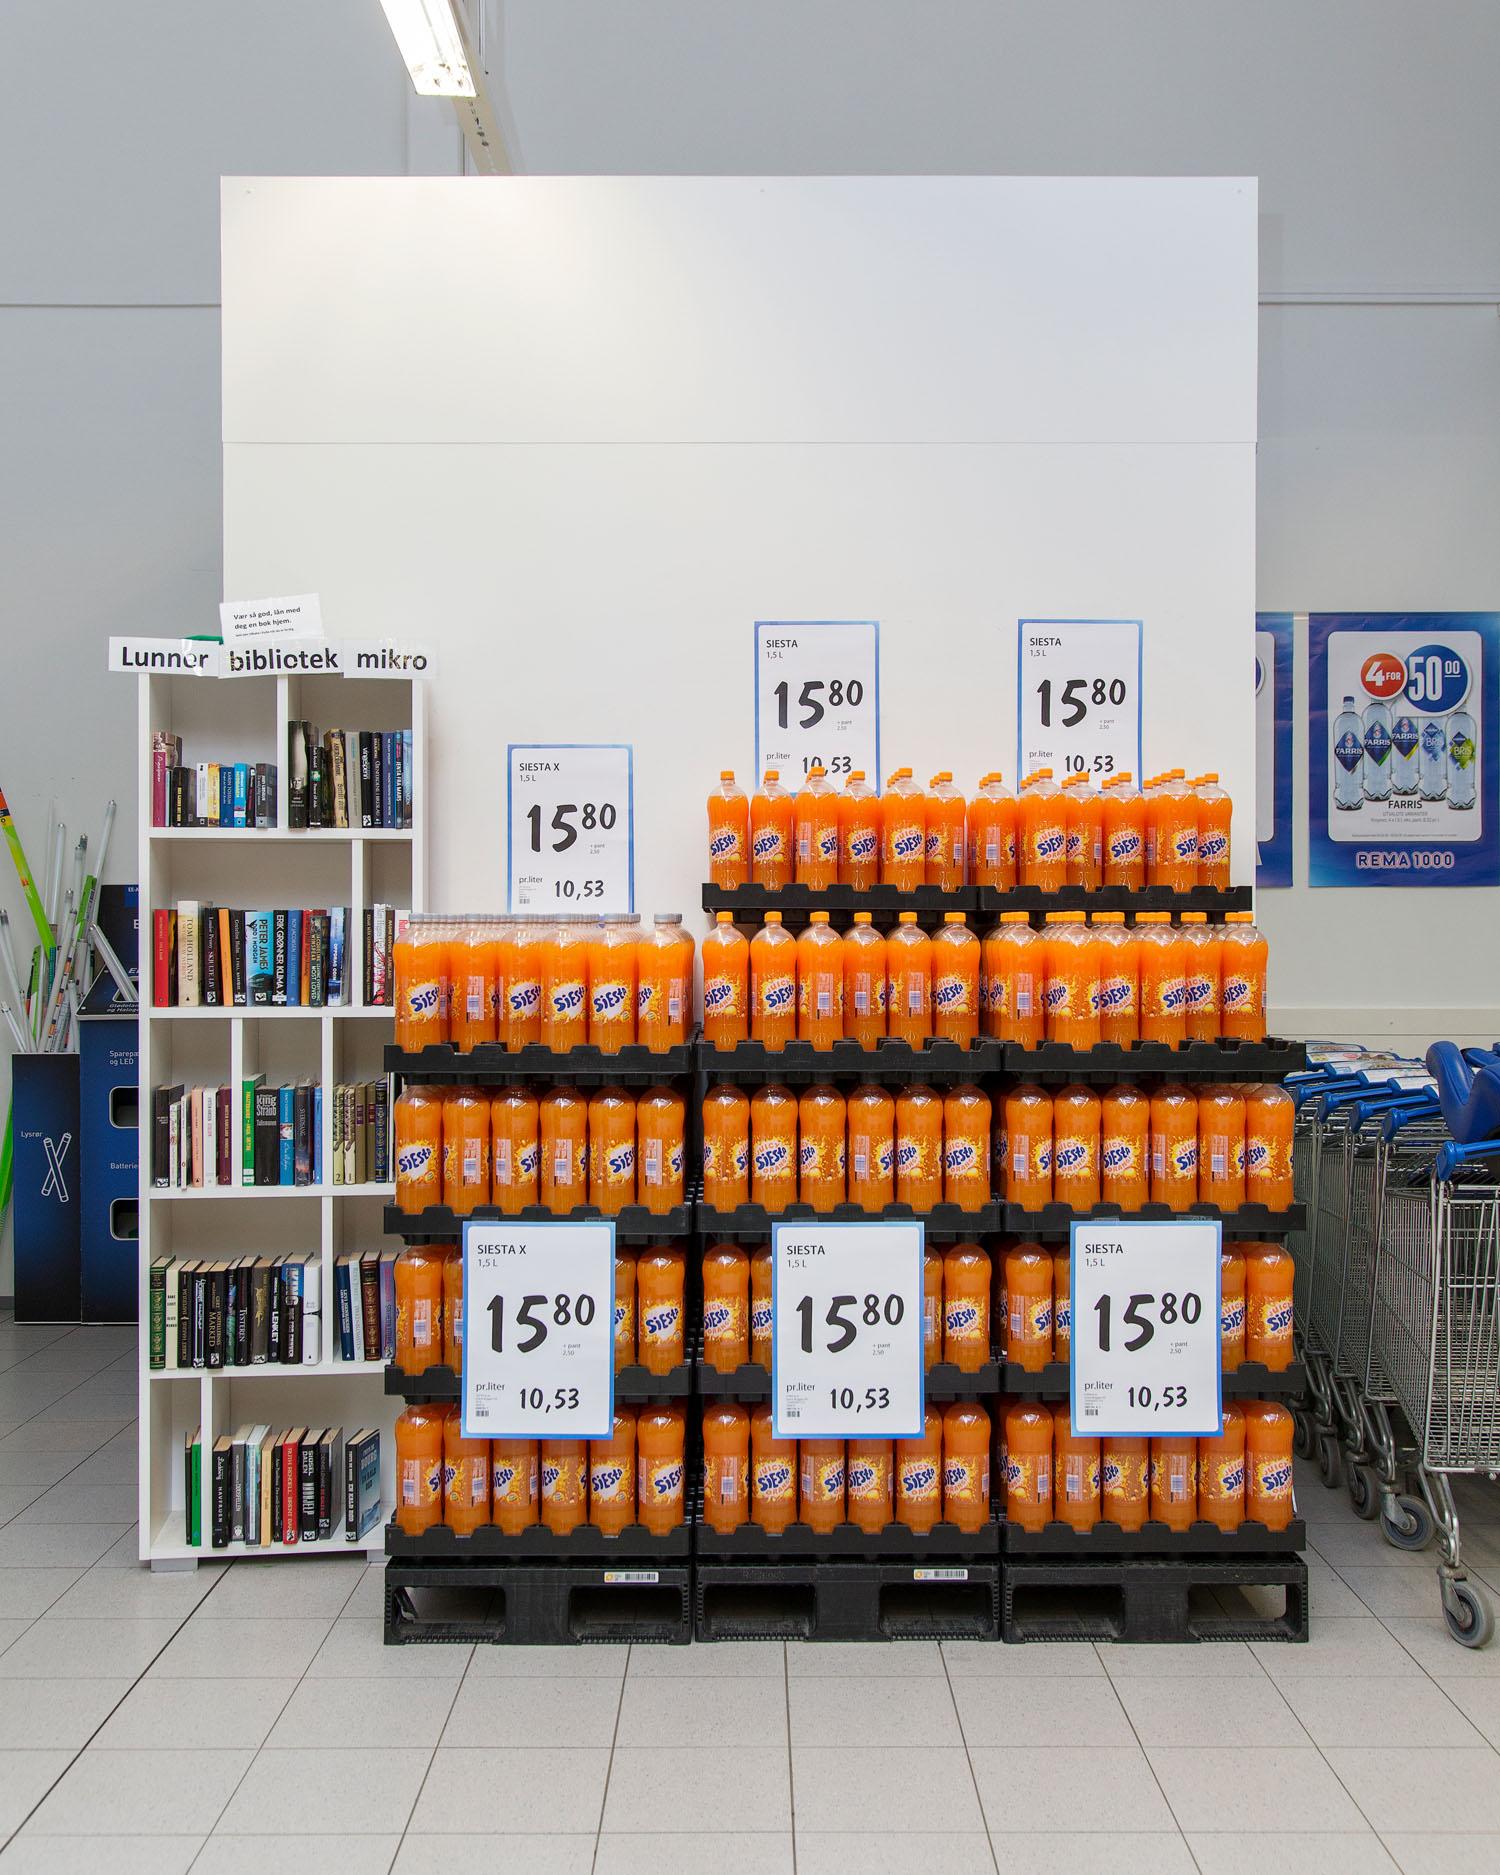 Mikrobiblioteket på Grua Rema 1000   Biblioteknr.: NO-2053300 Lunner, Oppland Fotografert: 2016   I Lunner kommune har de ansatte på biblioteket satt opp et mikrobibliotek på butikken. Bøkene som stilles ut her, er ordinære bøker fra samlingen. Hittil har det ikke vært svinn, selv om utlånet er basert på tillit.